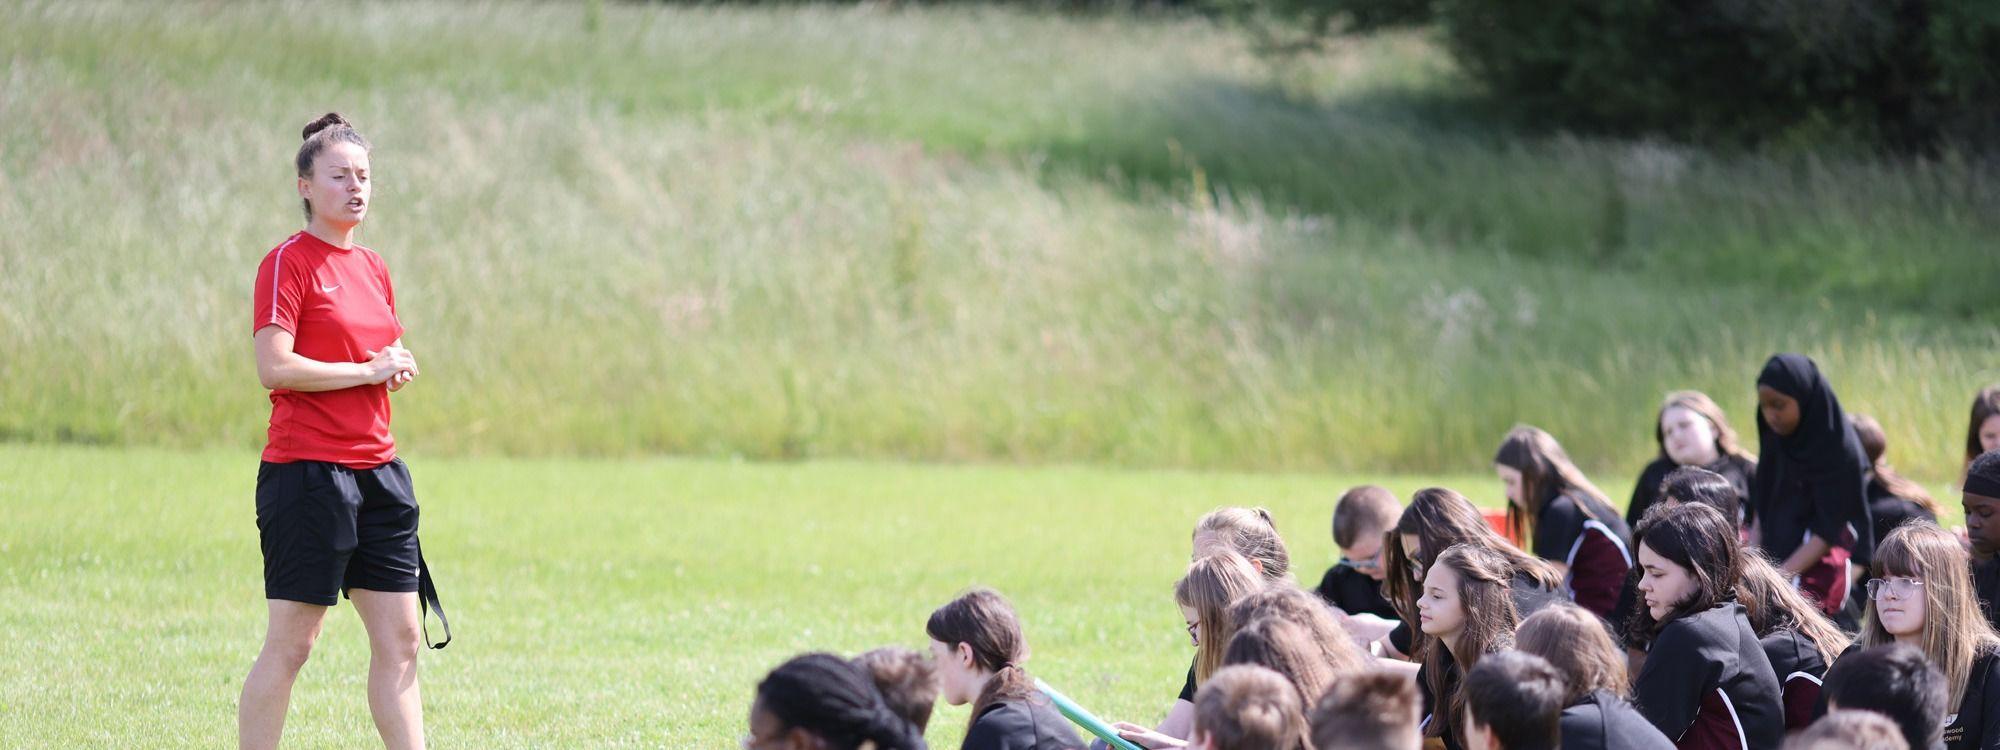 Hertswood academy image 6